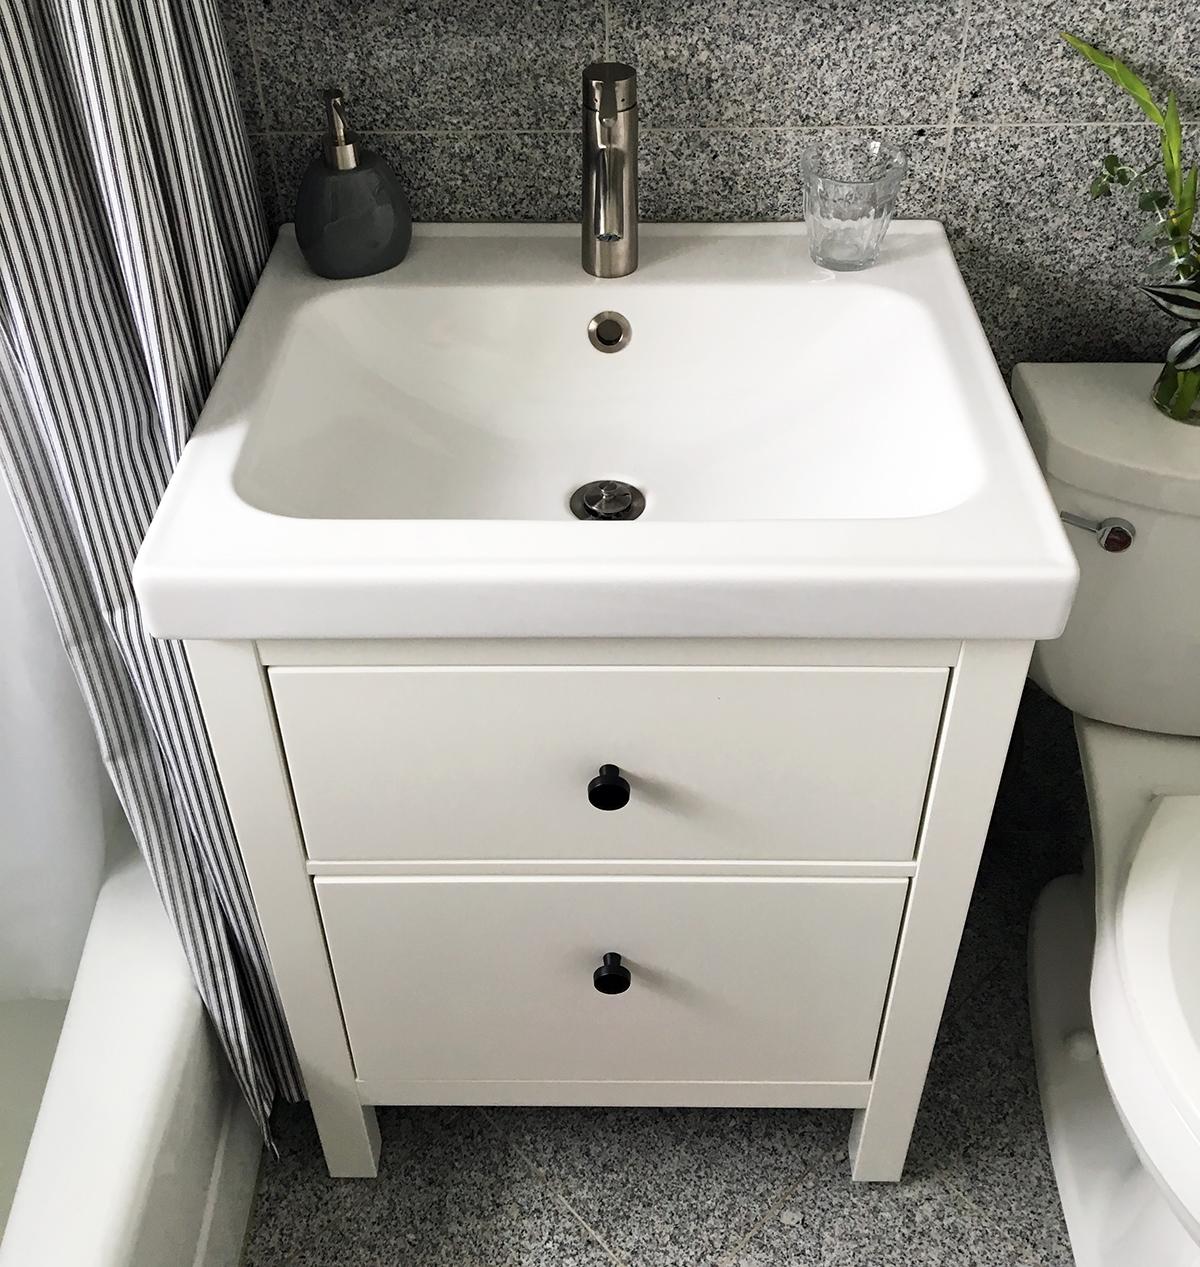 Ikea bathroom hemnes best place to buy kitchen cabinets Best place to find bathroom vanities